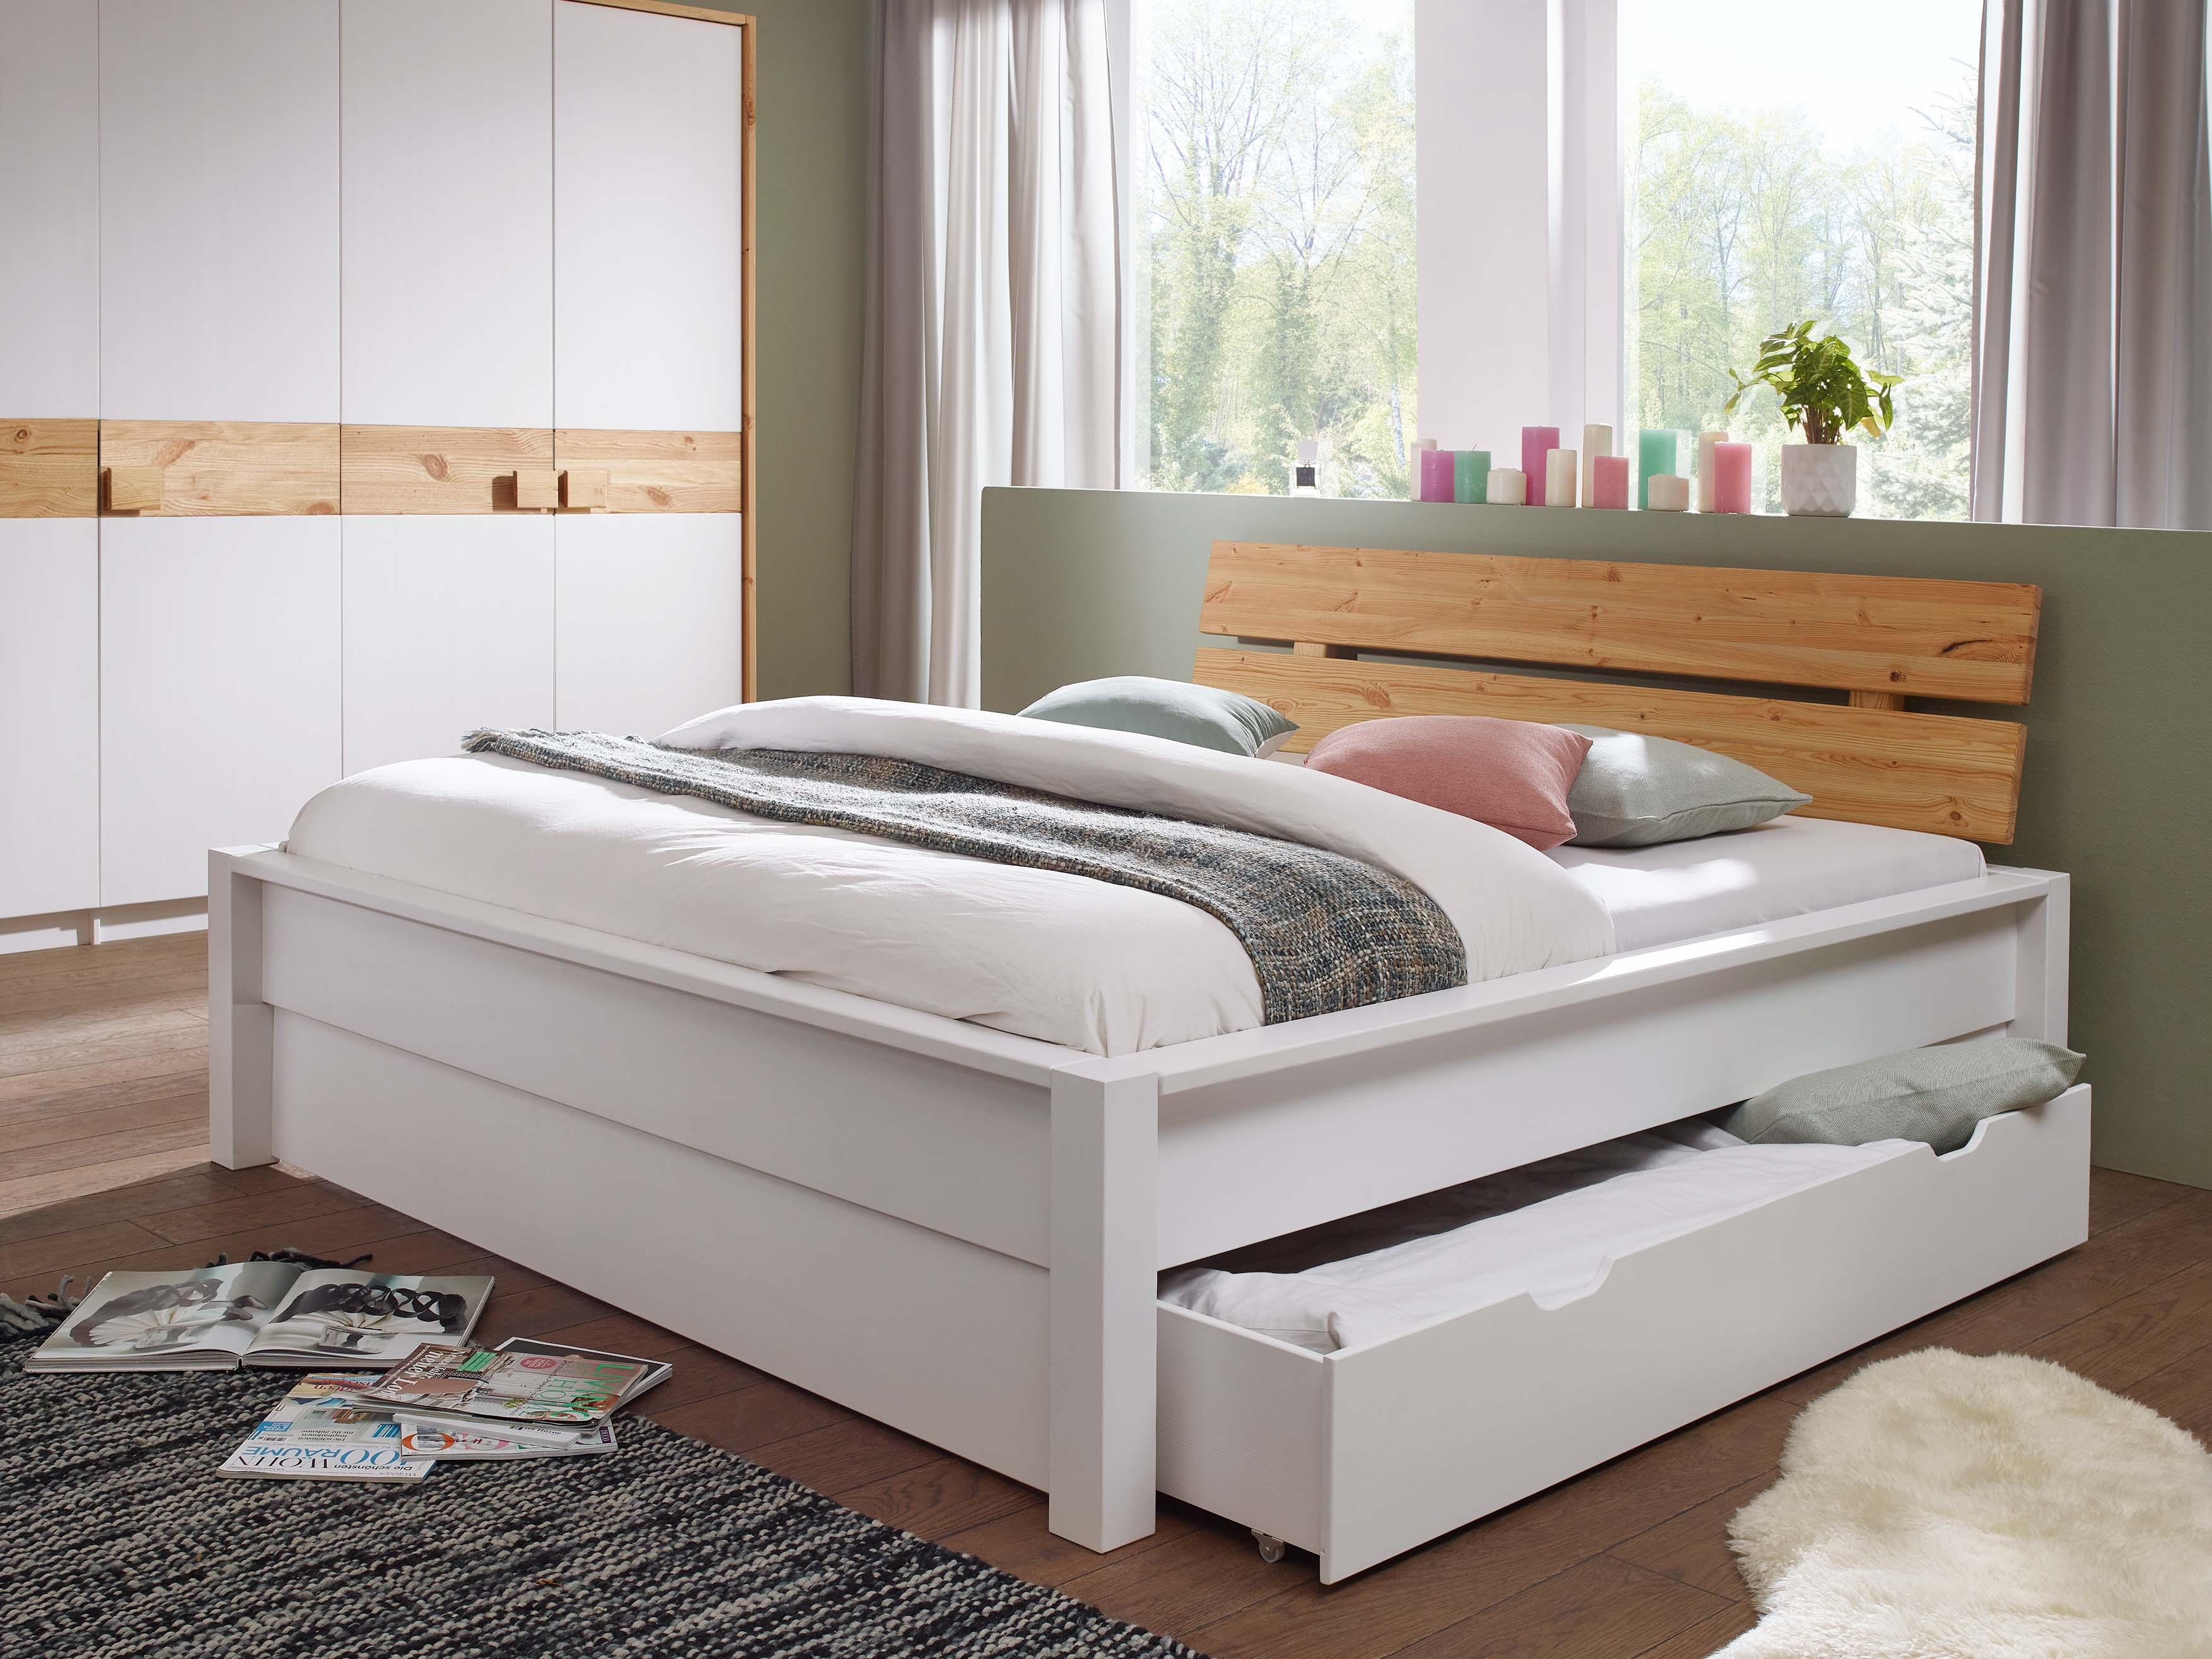 Tarina Doppelbett 180x200 Cm Material Massivholz Weiss Lackiert